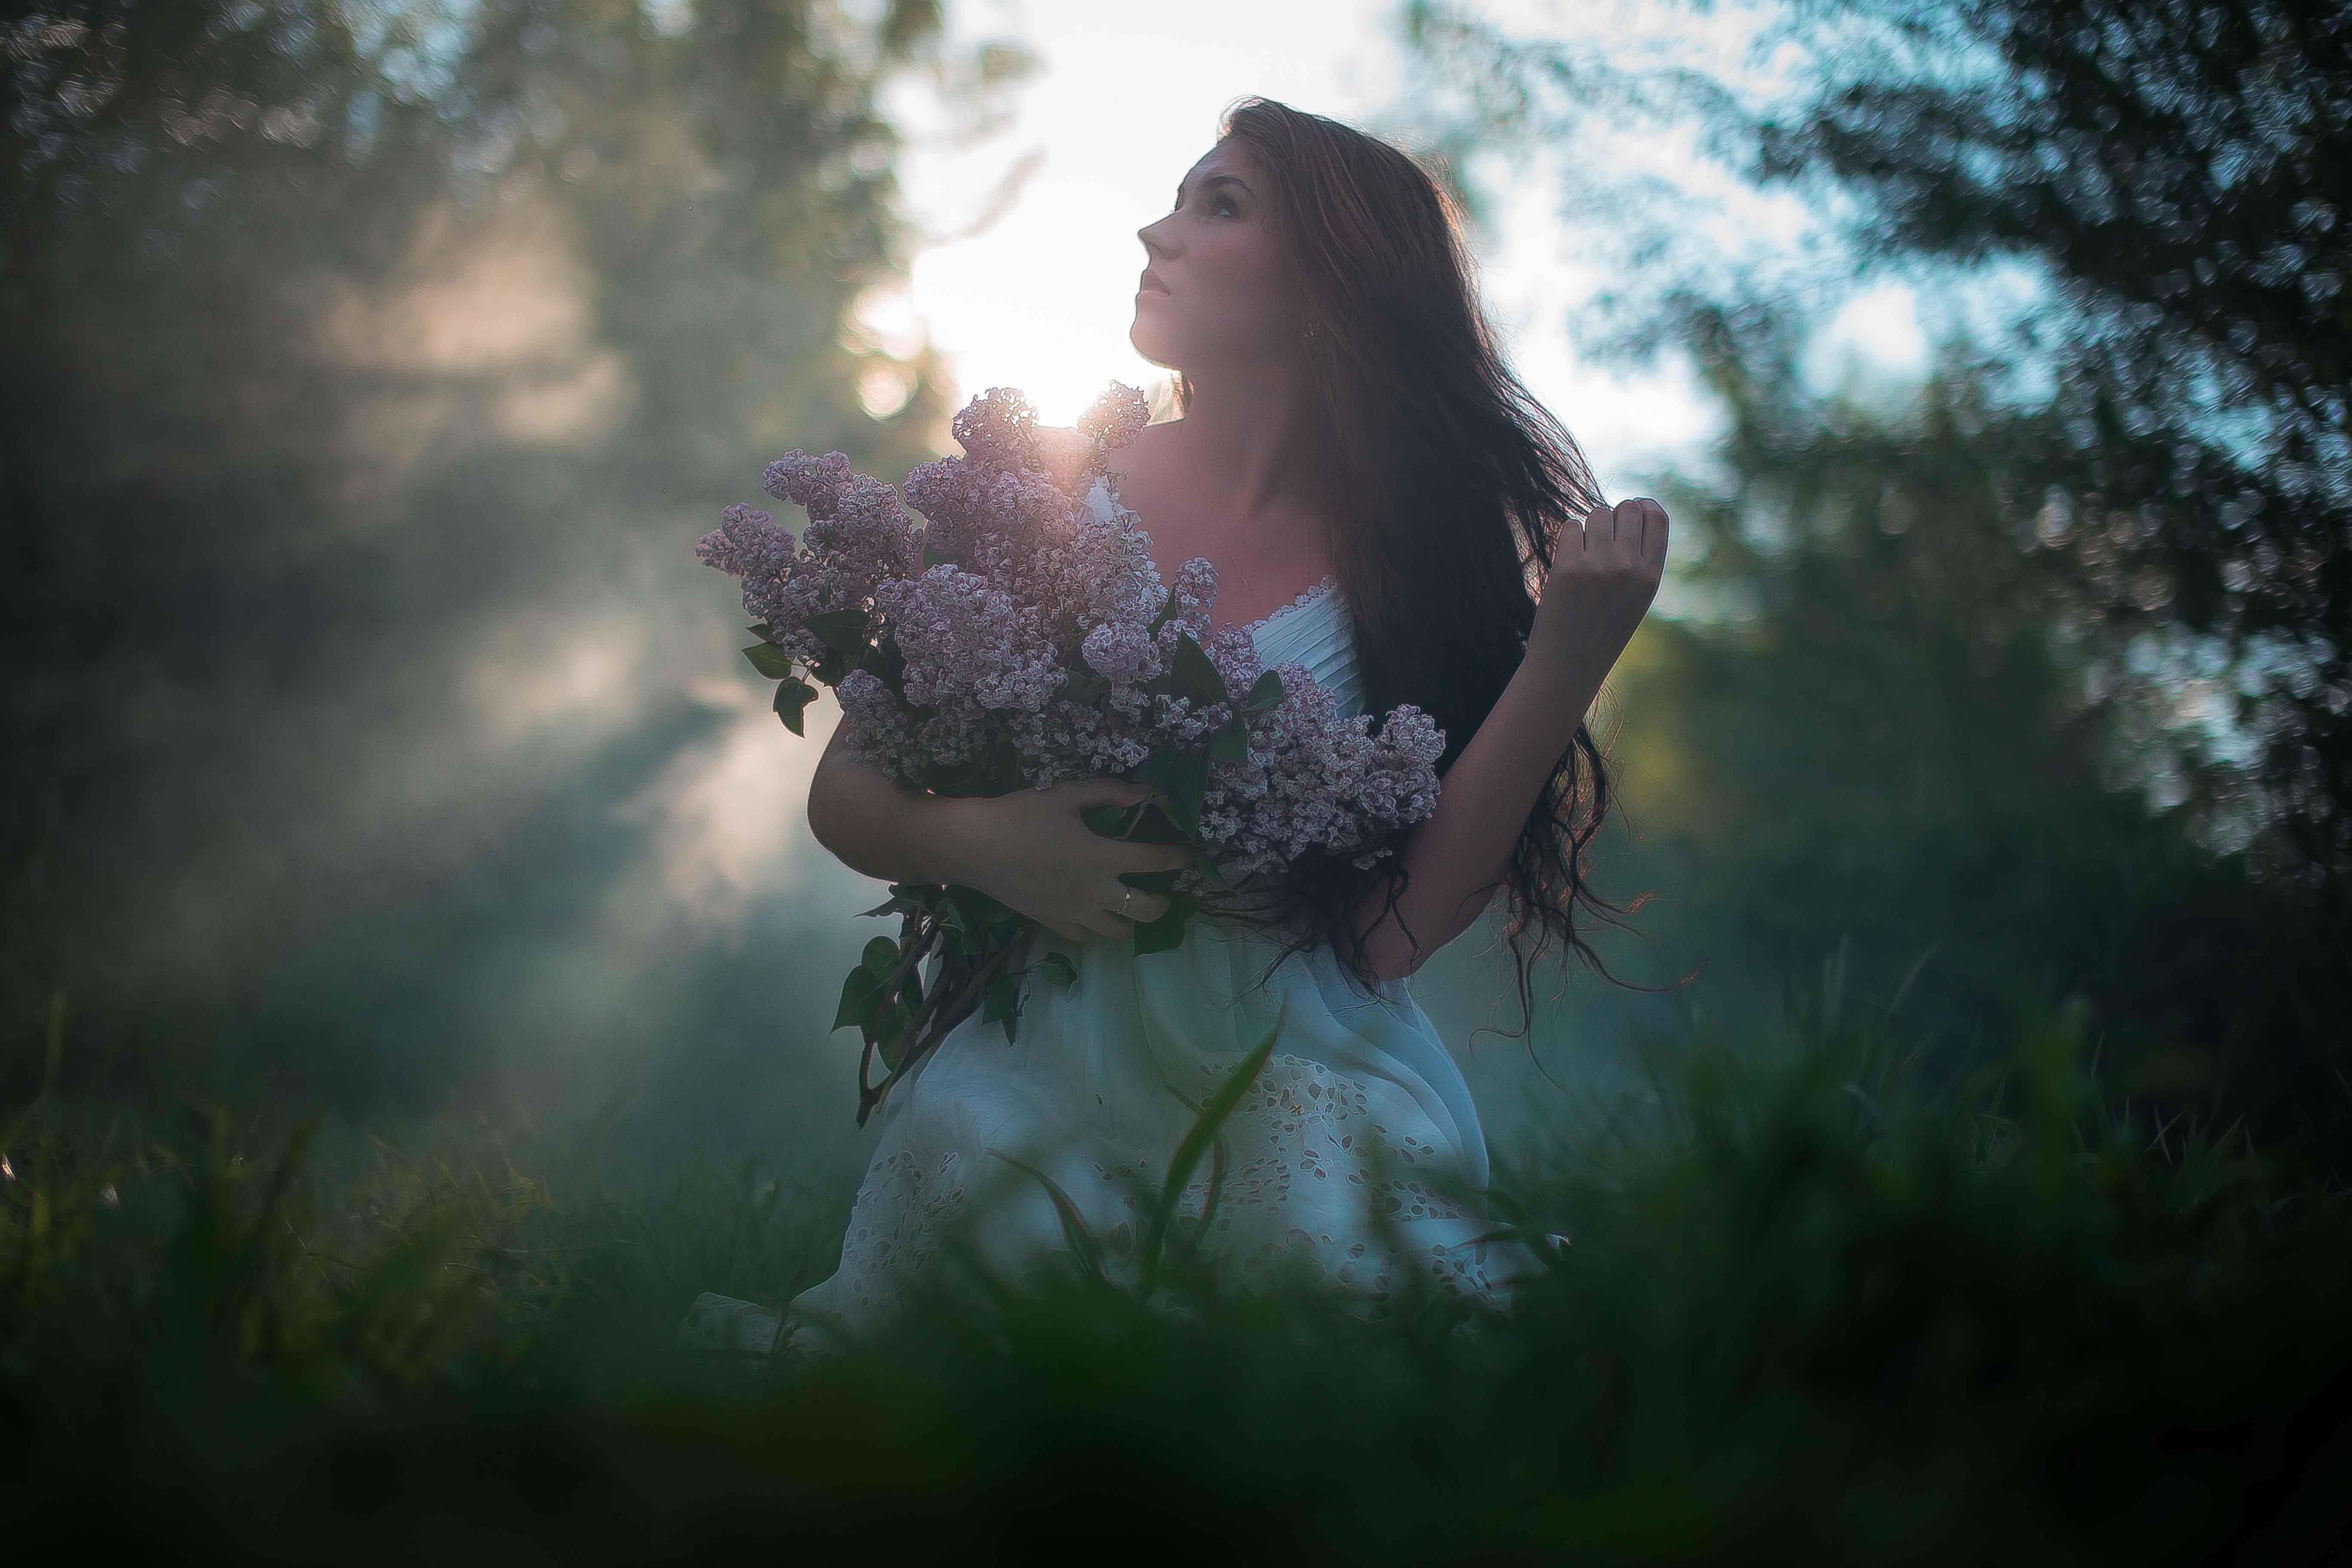 Девушка, портрет, платье, свет, трава, лес, поляна, закат, рассвет, сирень, Иванов Юрий